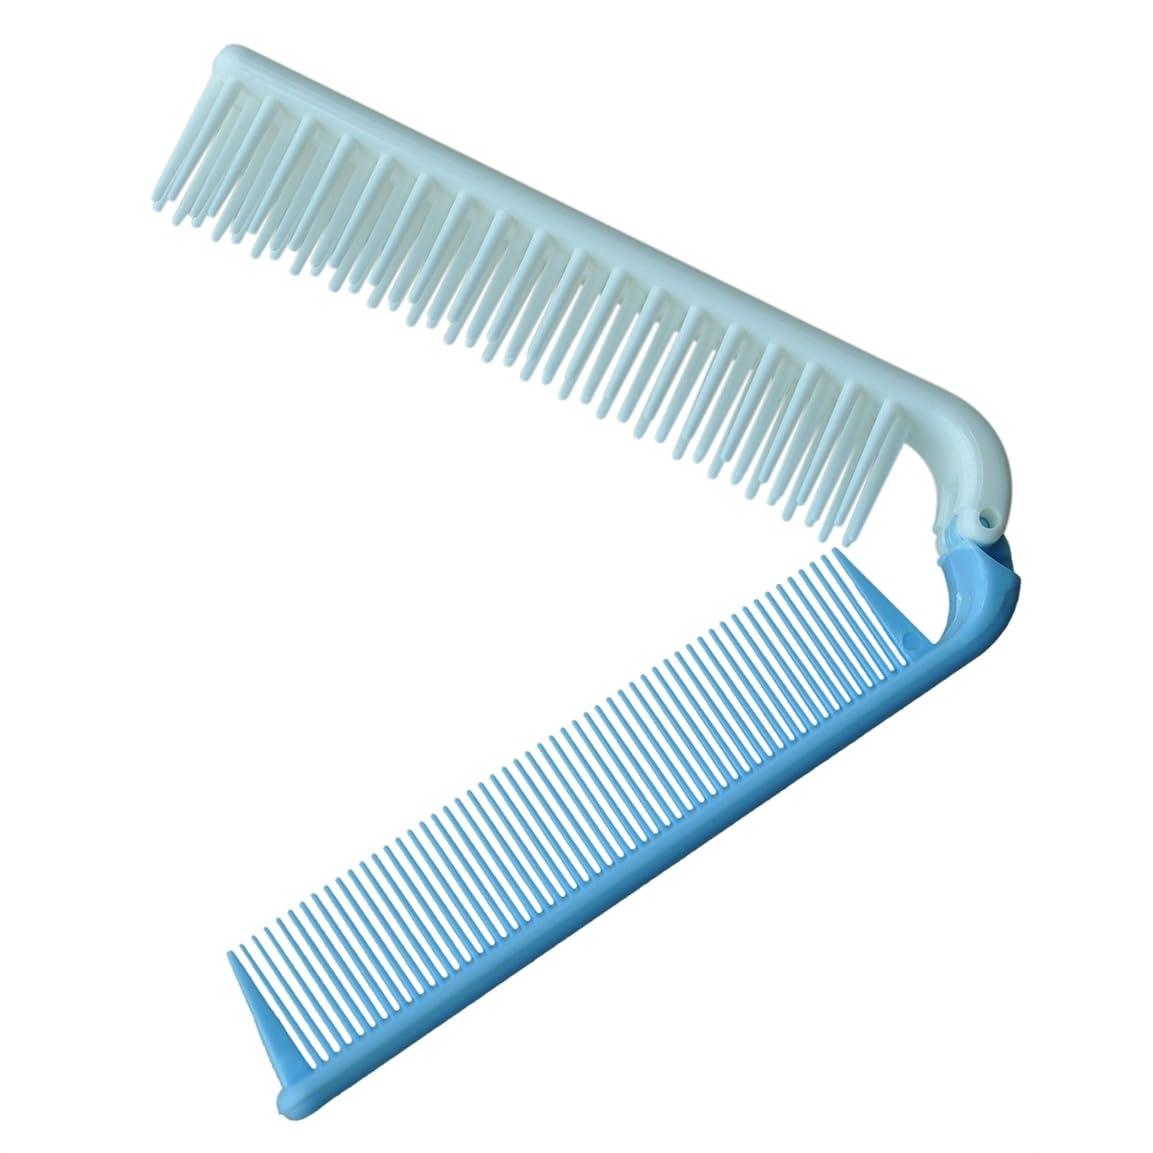 割り当てますメンバーパスポートRETYLY 旅行スカイブルー粗い歯の折りたたみデュアルヘアブラシ ポケットくし 7.4